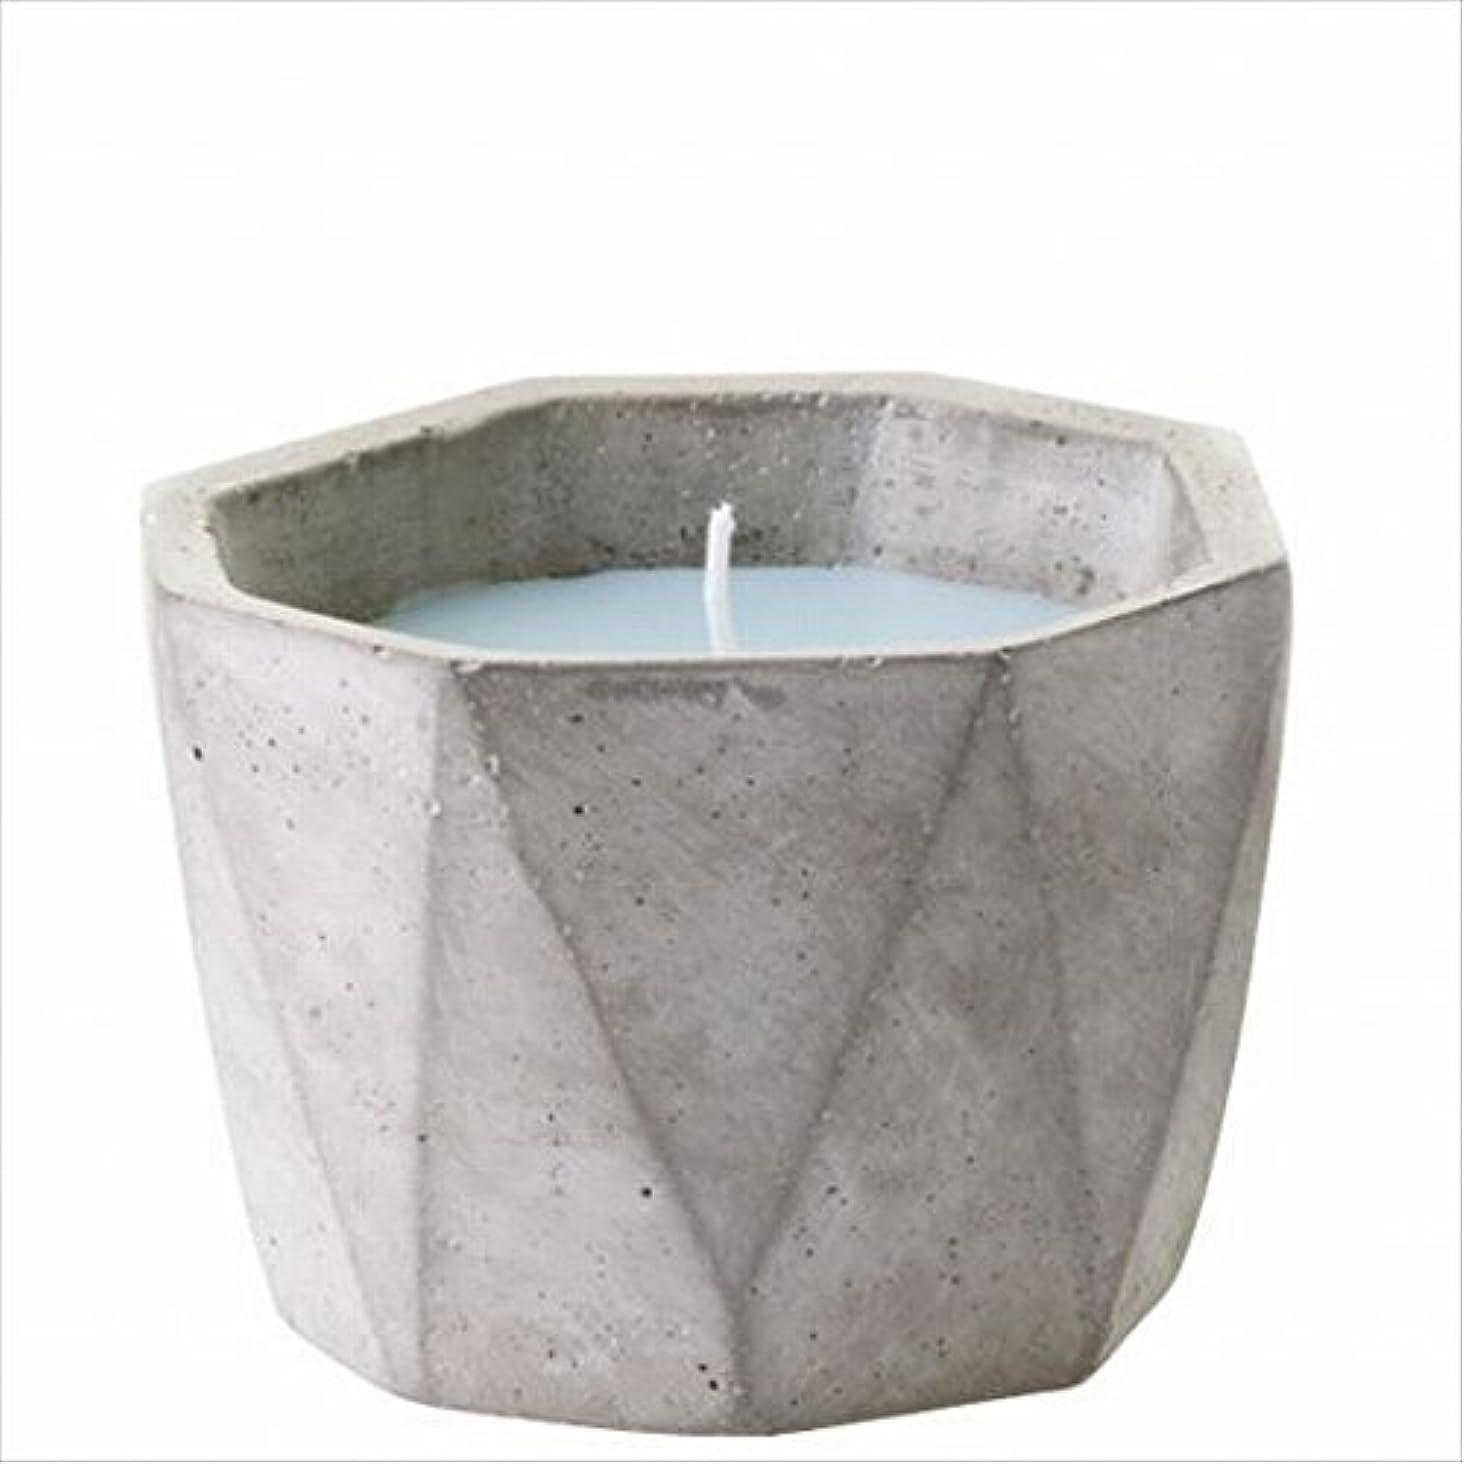 アラブ人隔離する効能カメヤマキャンドル(kameyama candle) POiNT A LA LiGNE セメントポットセンティッドキャンドル 「 モックオレンジミント 」